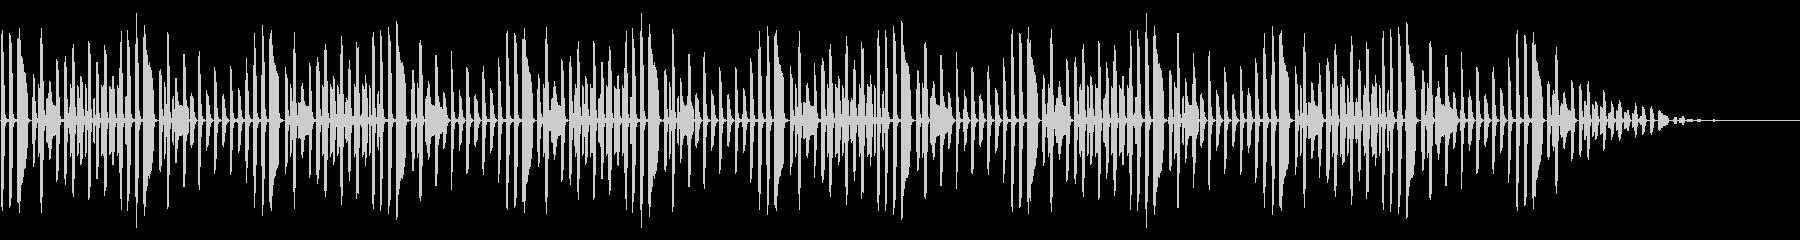 童謡「ぶんぶんぶん」脱力系アレンジの未再生の波形